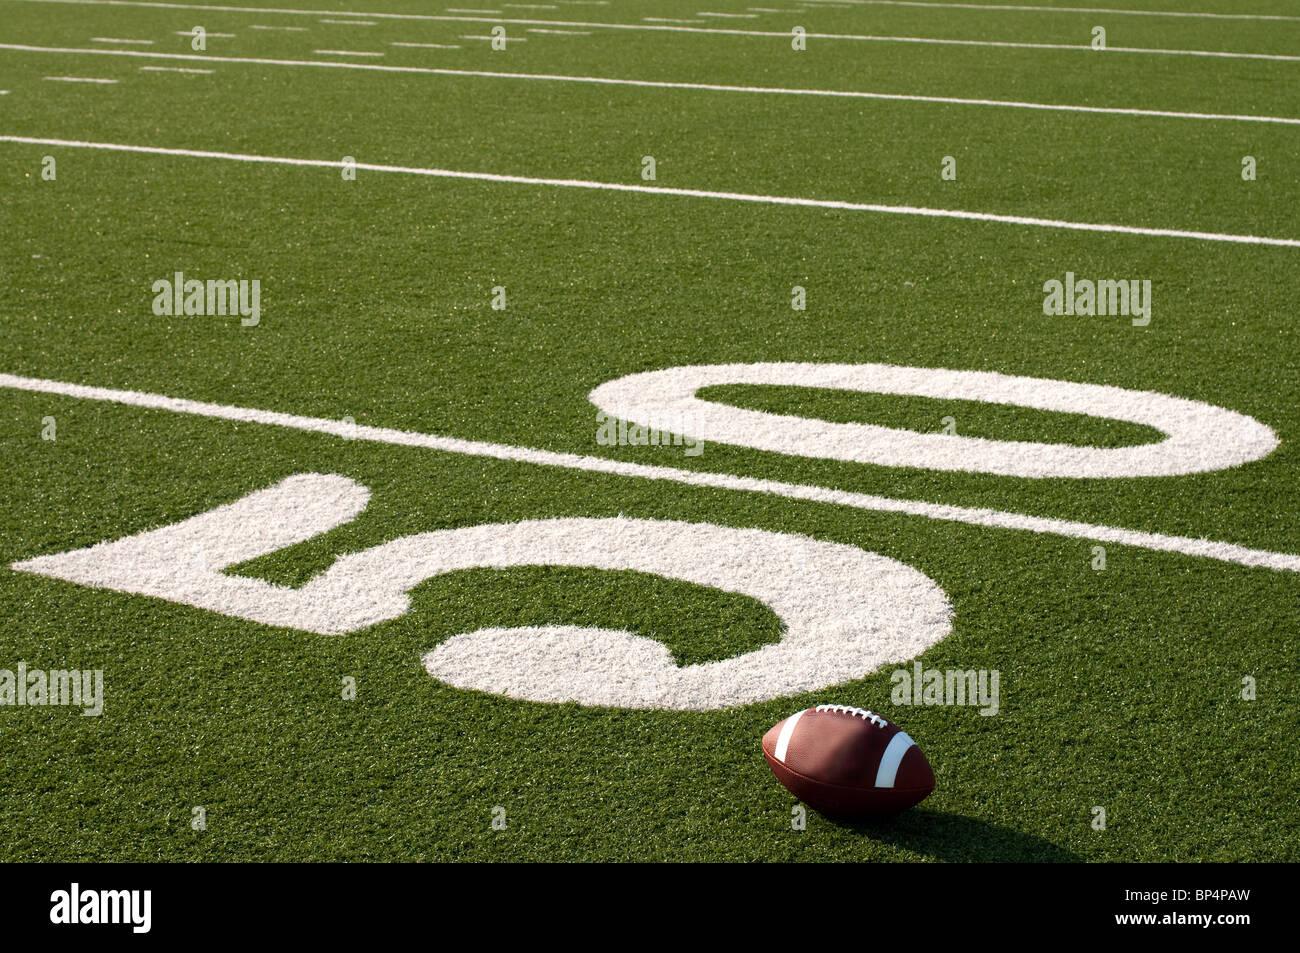 Sur le terrain de football américain près de 50 cour ligne. Photo Stock